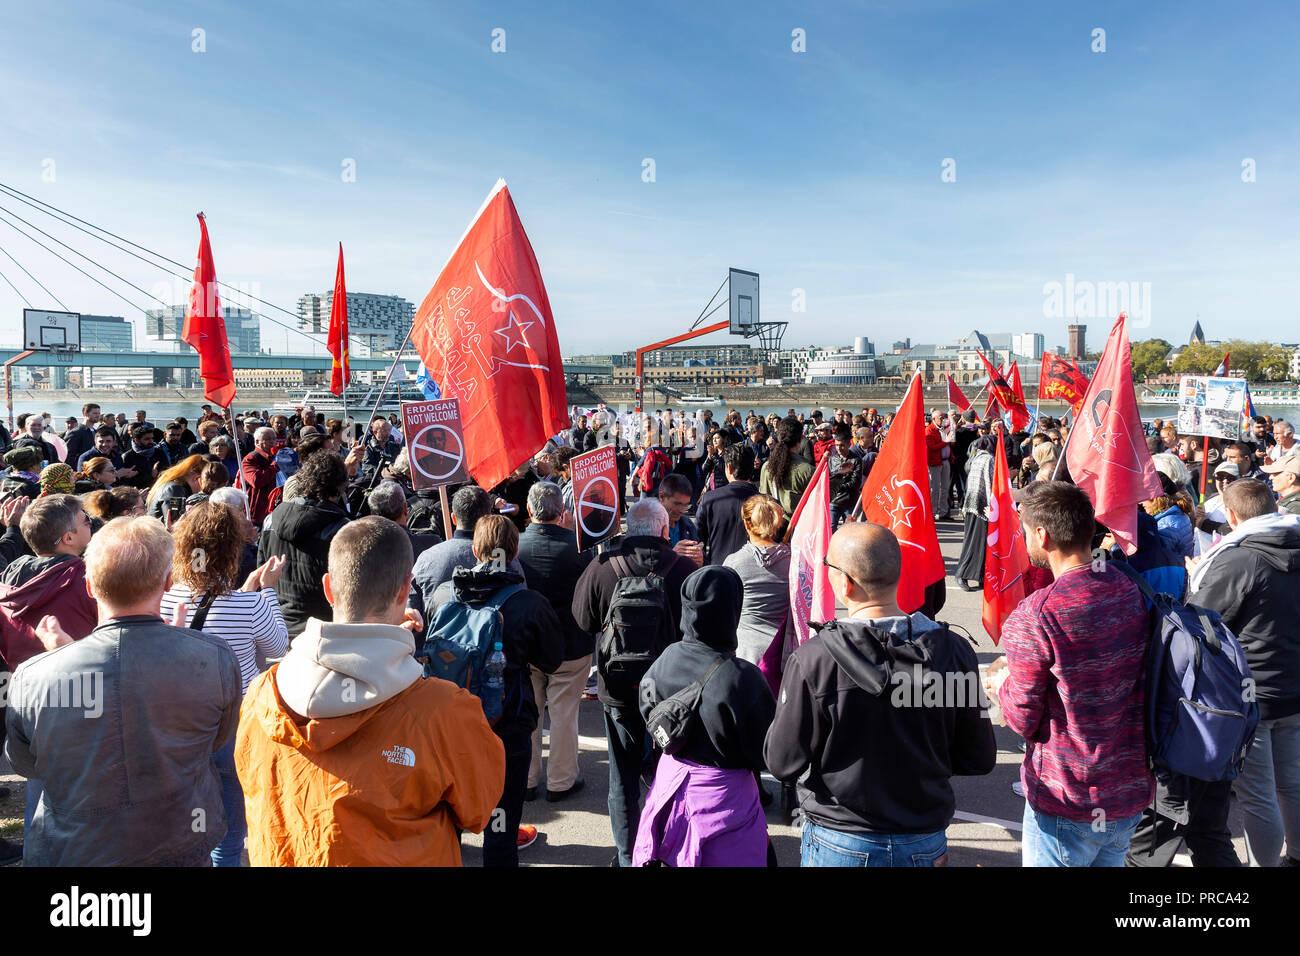 Mehrere tausend Gegner des türkischen Staatspräsidenten Recep Tayyip Erdogan sind am Samstag in Köln auf die Straße gegangen. Viele von ihnen versamme - Stock Image